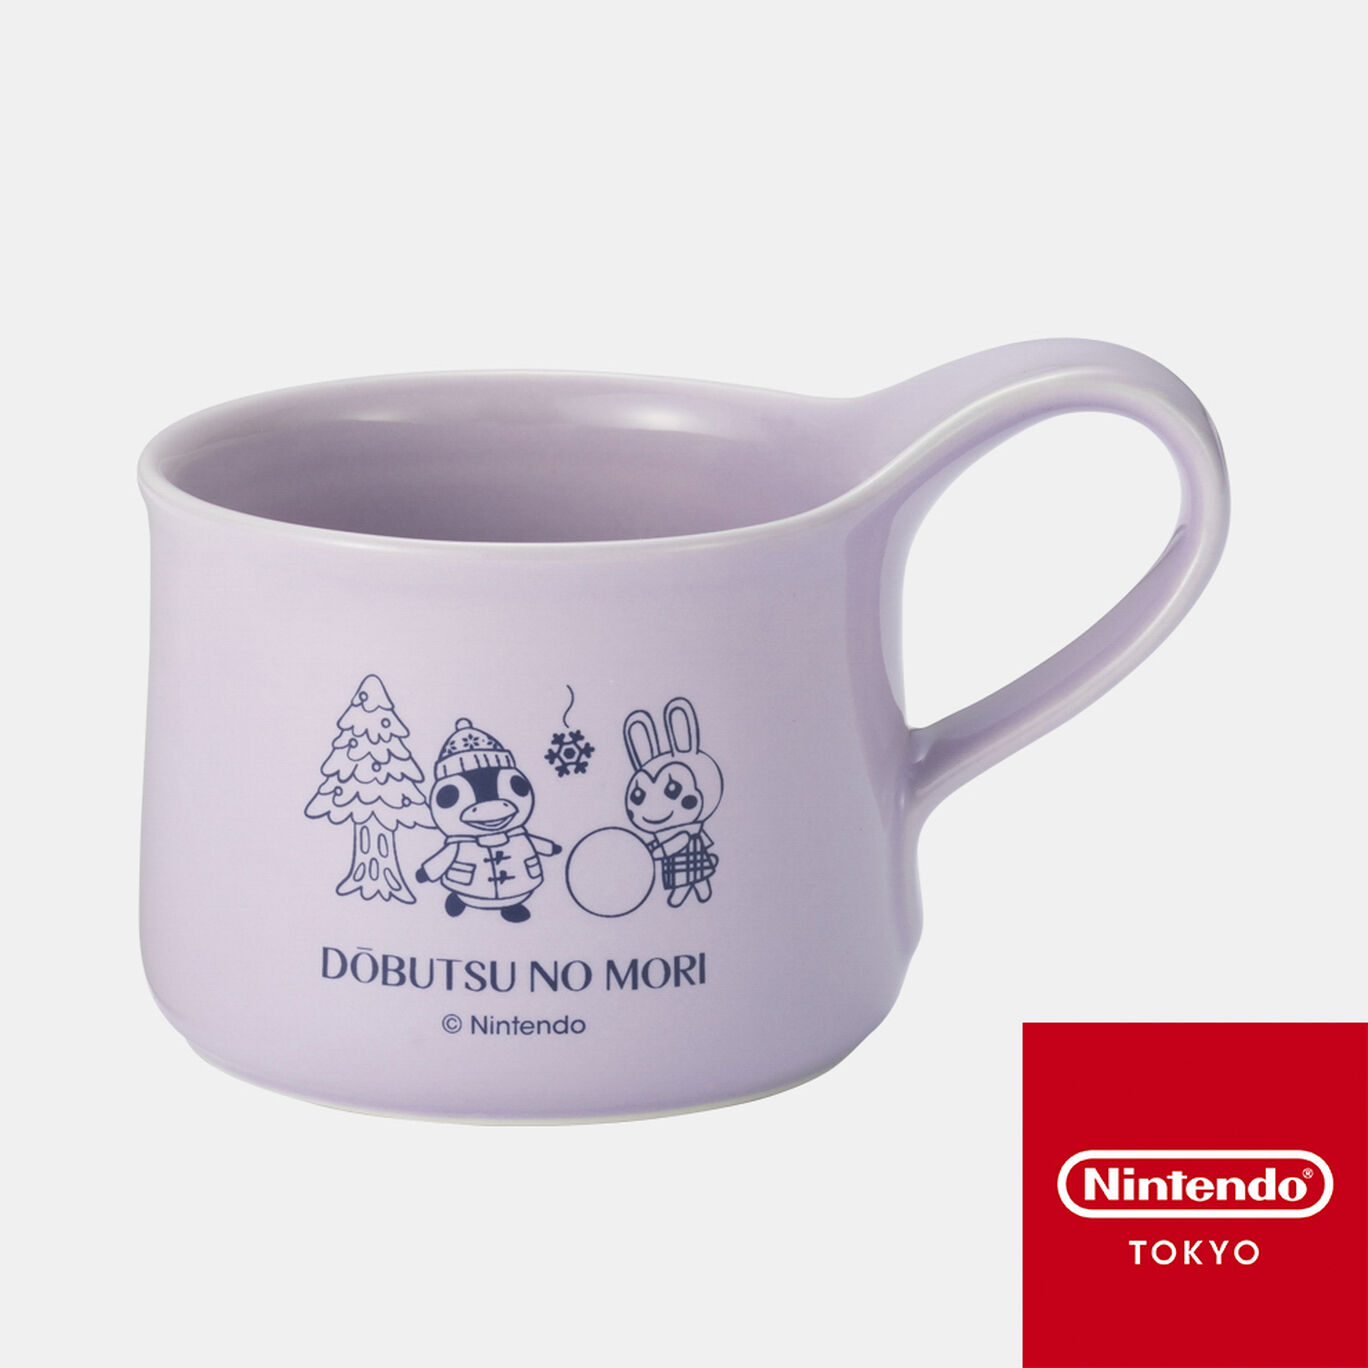 【新商品】ティーカップ  どうぶつの森【Nintendo TOKYO取り扱い商品】